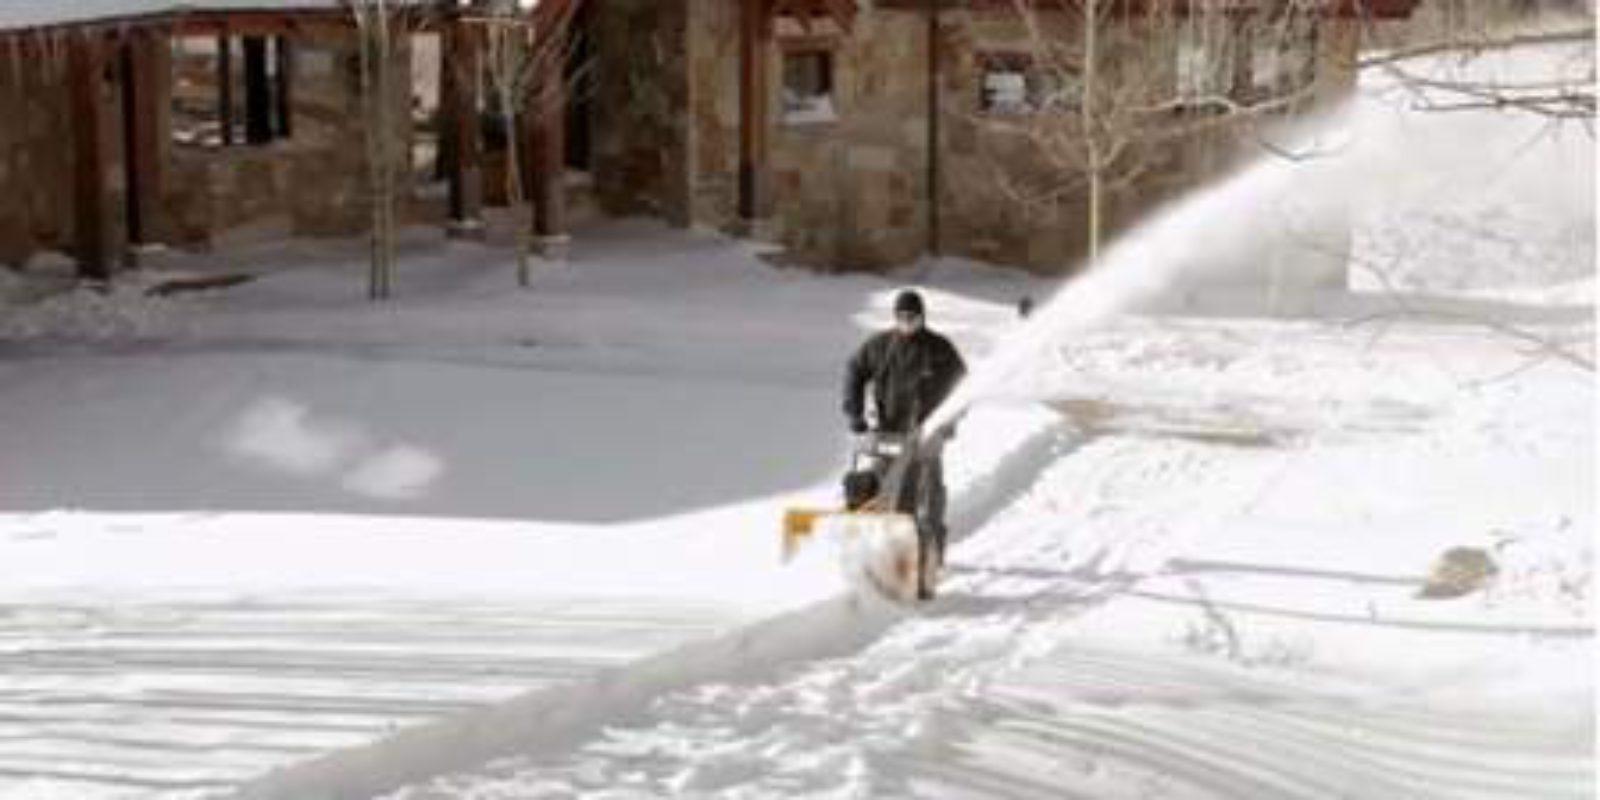 CUB CADET 3x26 Snow Blower